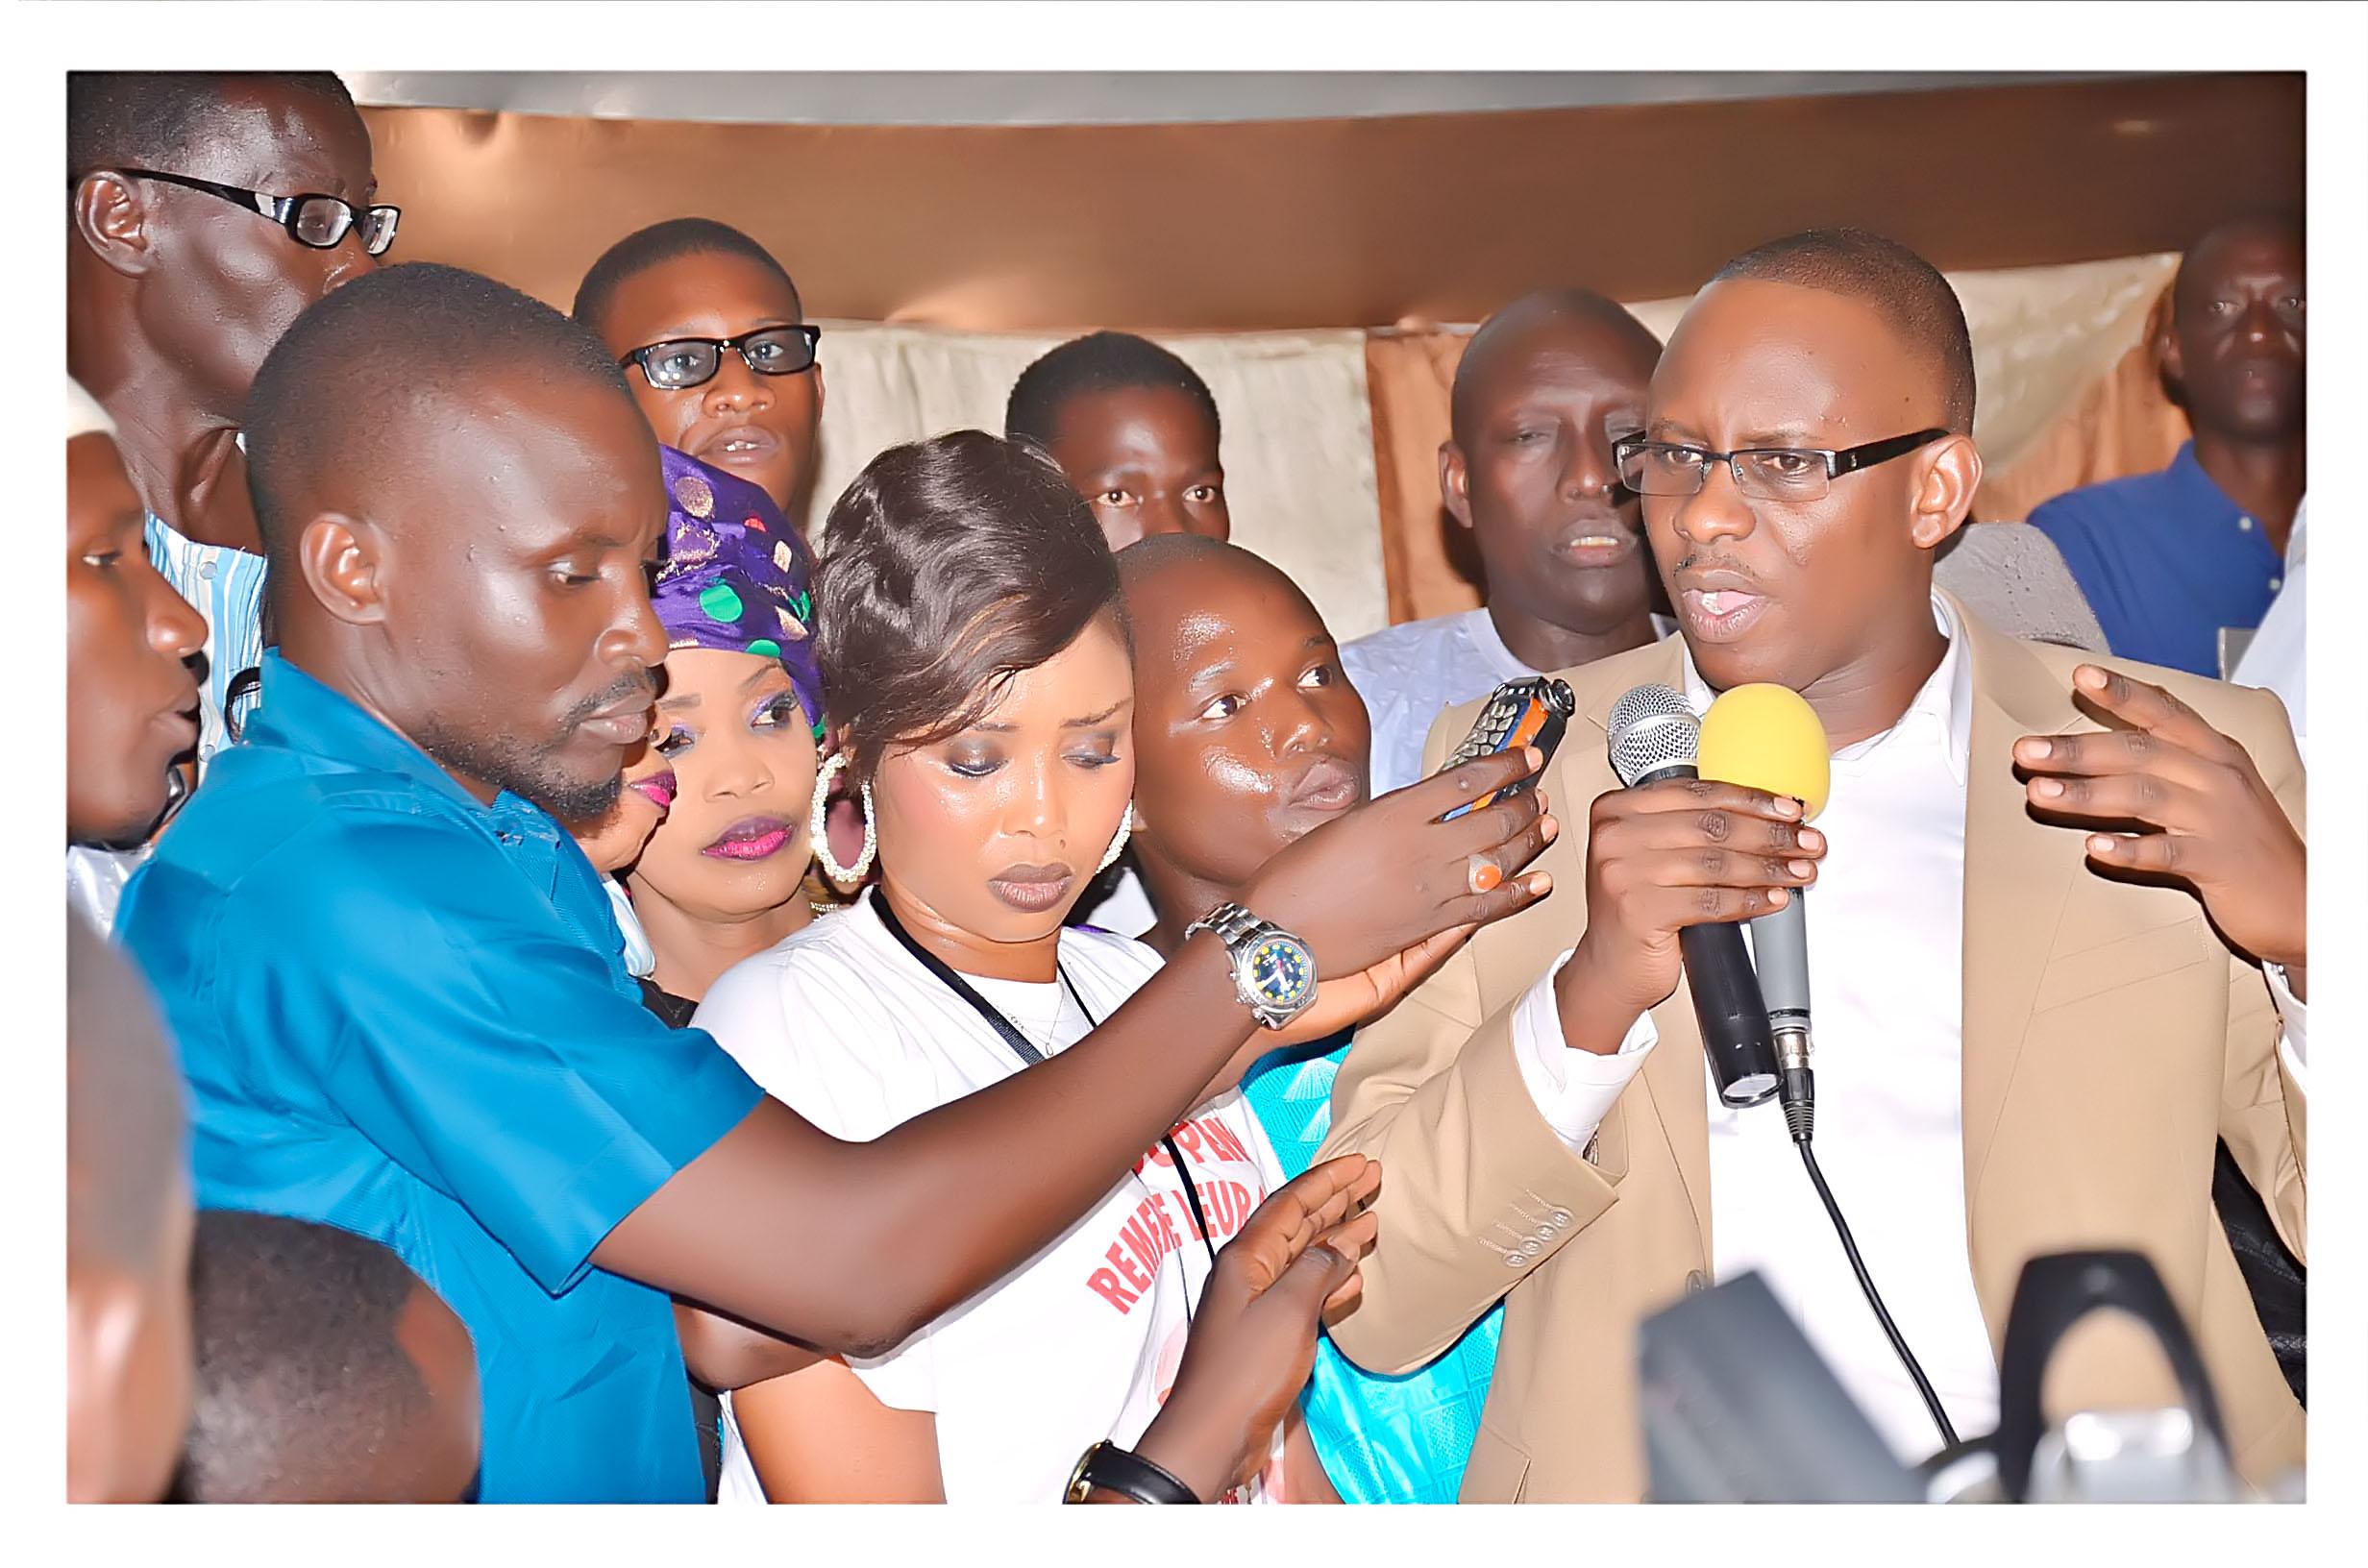 Accusations de Adji Mbergane Kanouté contre un ministre-maire apériste : Les boucliers de Moustapha Diop sonnent la risposte